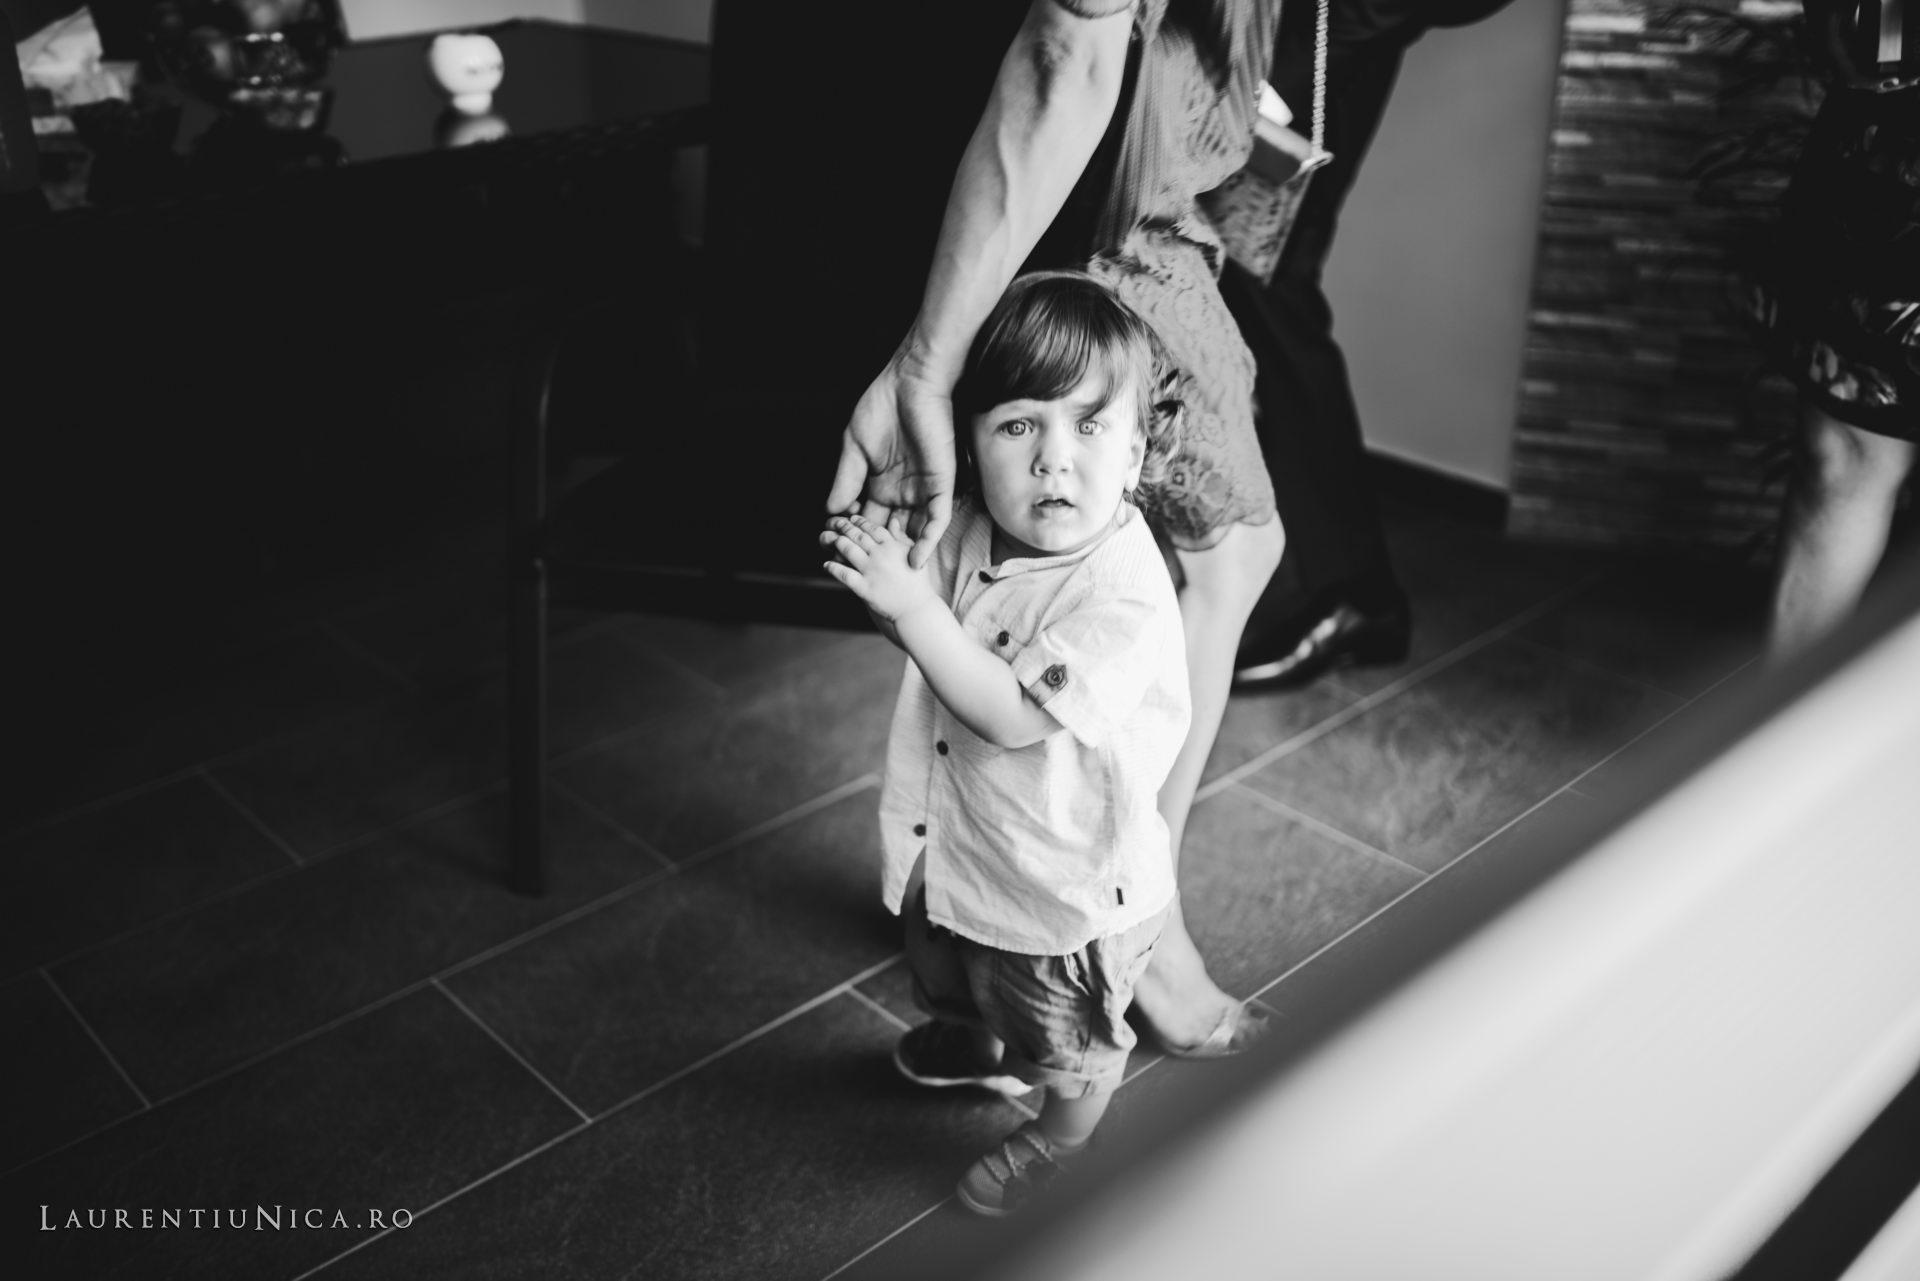 Cristina si Ovidiu nunta Craiova fotograf laurentiu nica 049 - Cristina & Ovidiu | Fotografii nunta | Craiova